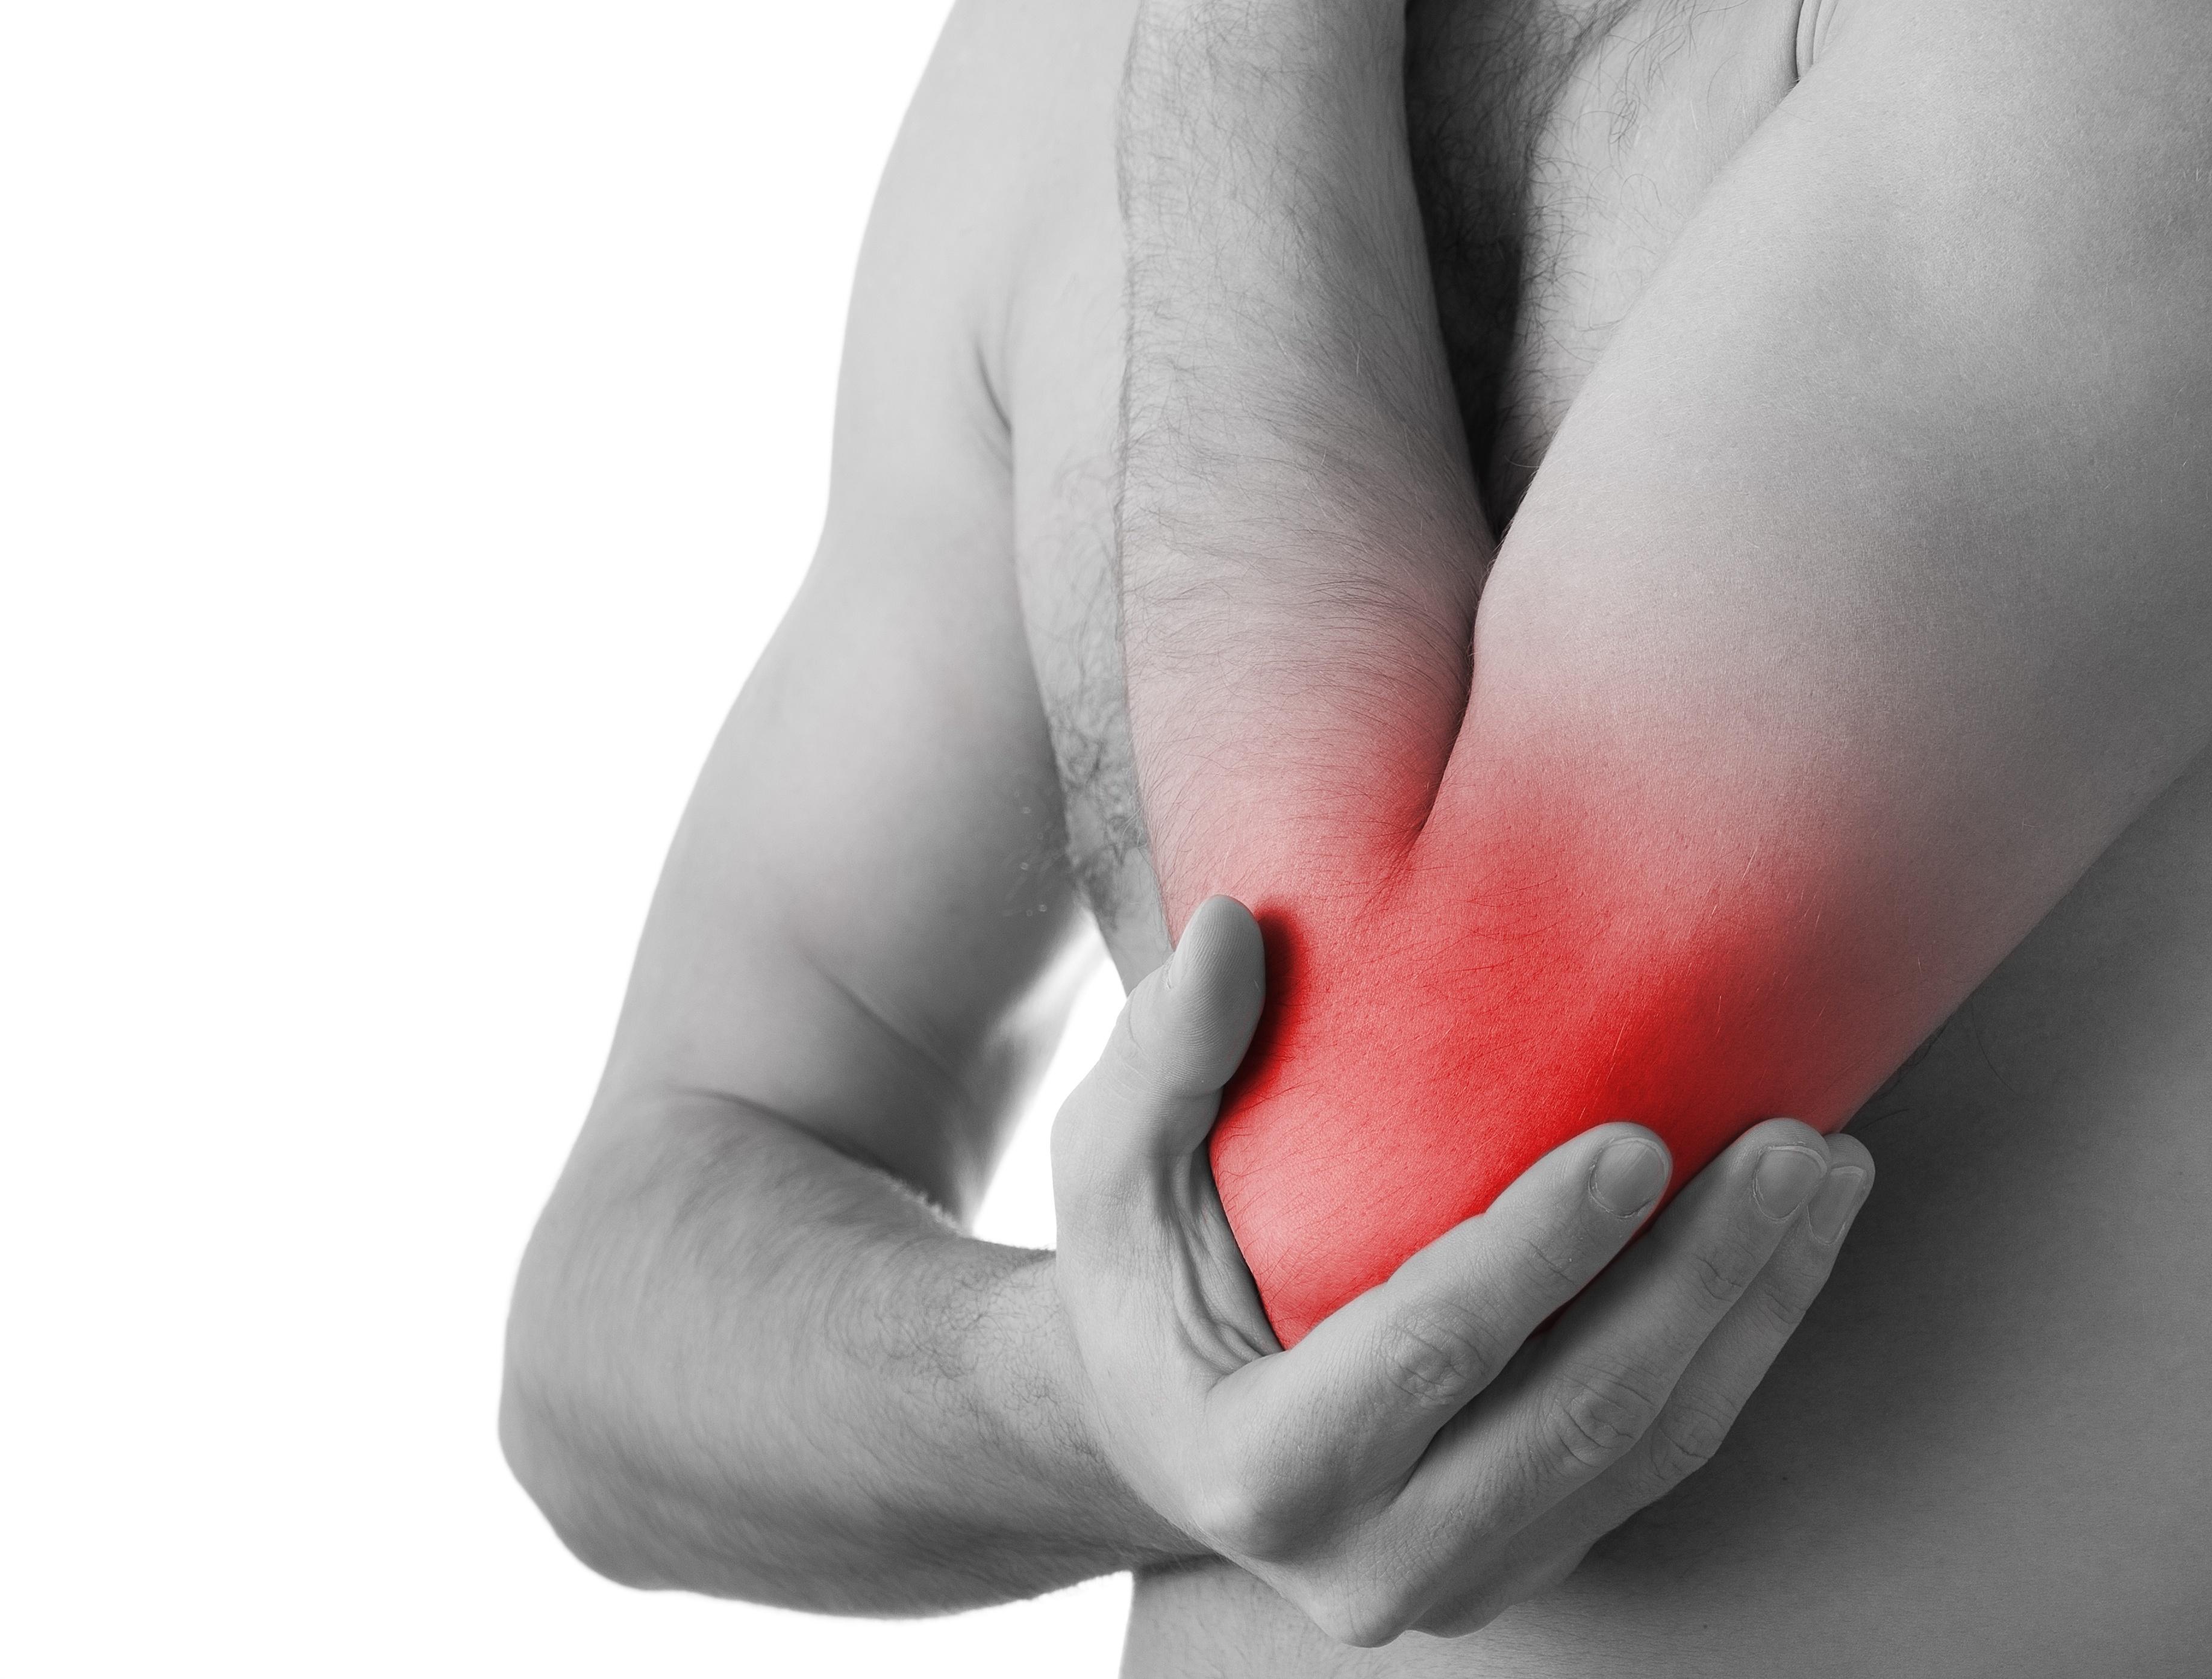 hüvelykujj ízületi fájdalom járás közben vállízület osteoarthritis kezelés